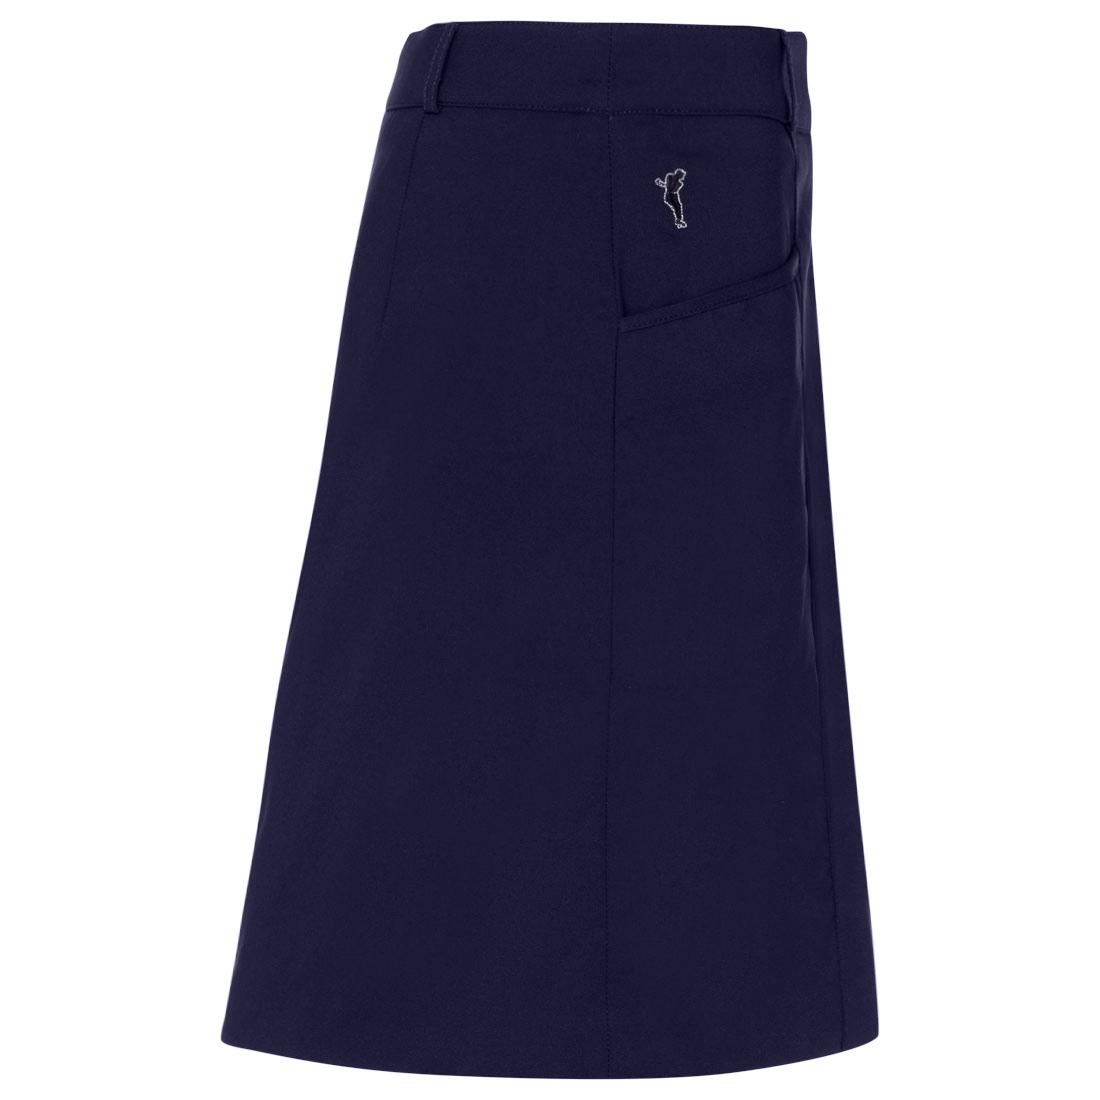 Damen Skort aus wasserabweisendem Stretch-Material mit Sonnenschutz-Funktion